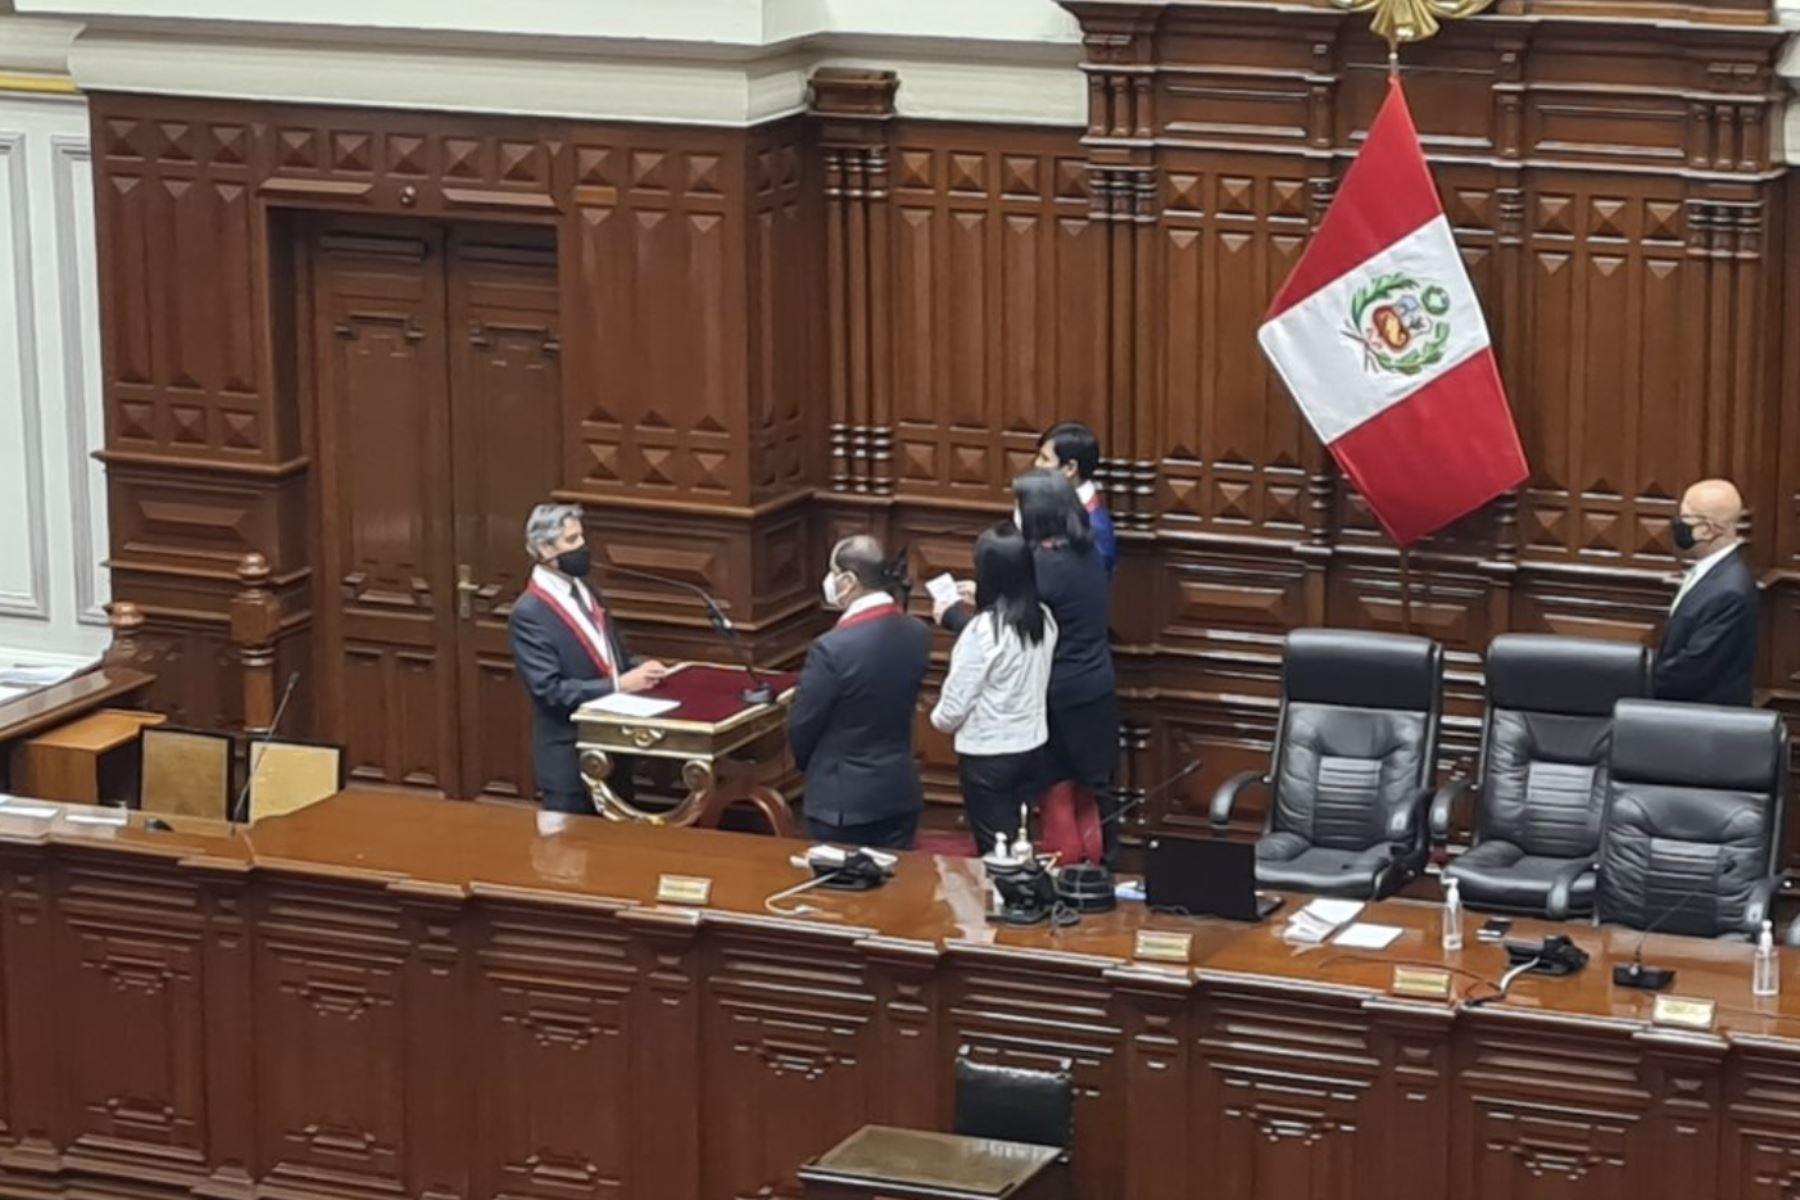 Photo: Congress of the Republic of Peru